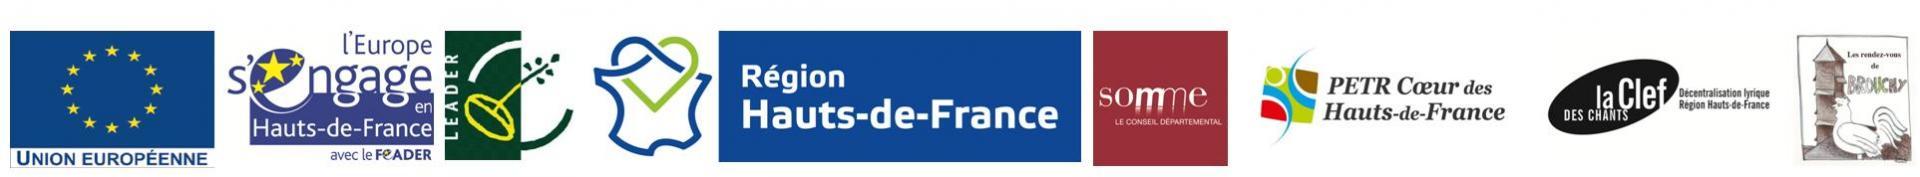 Bandeau logo